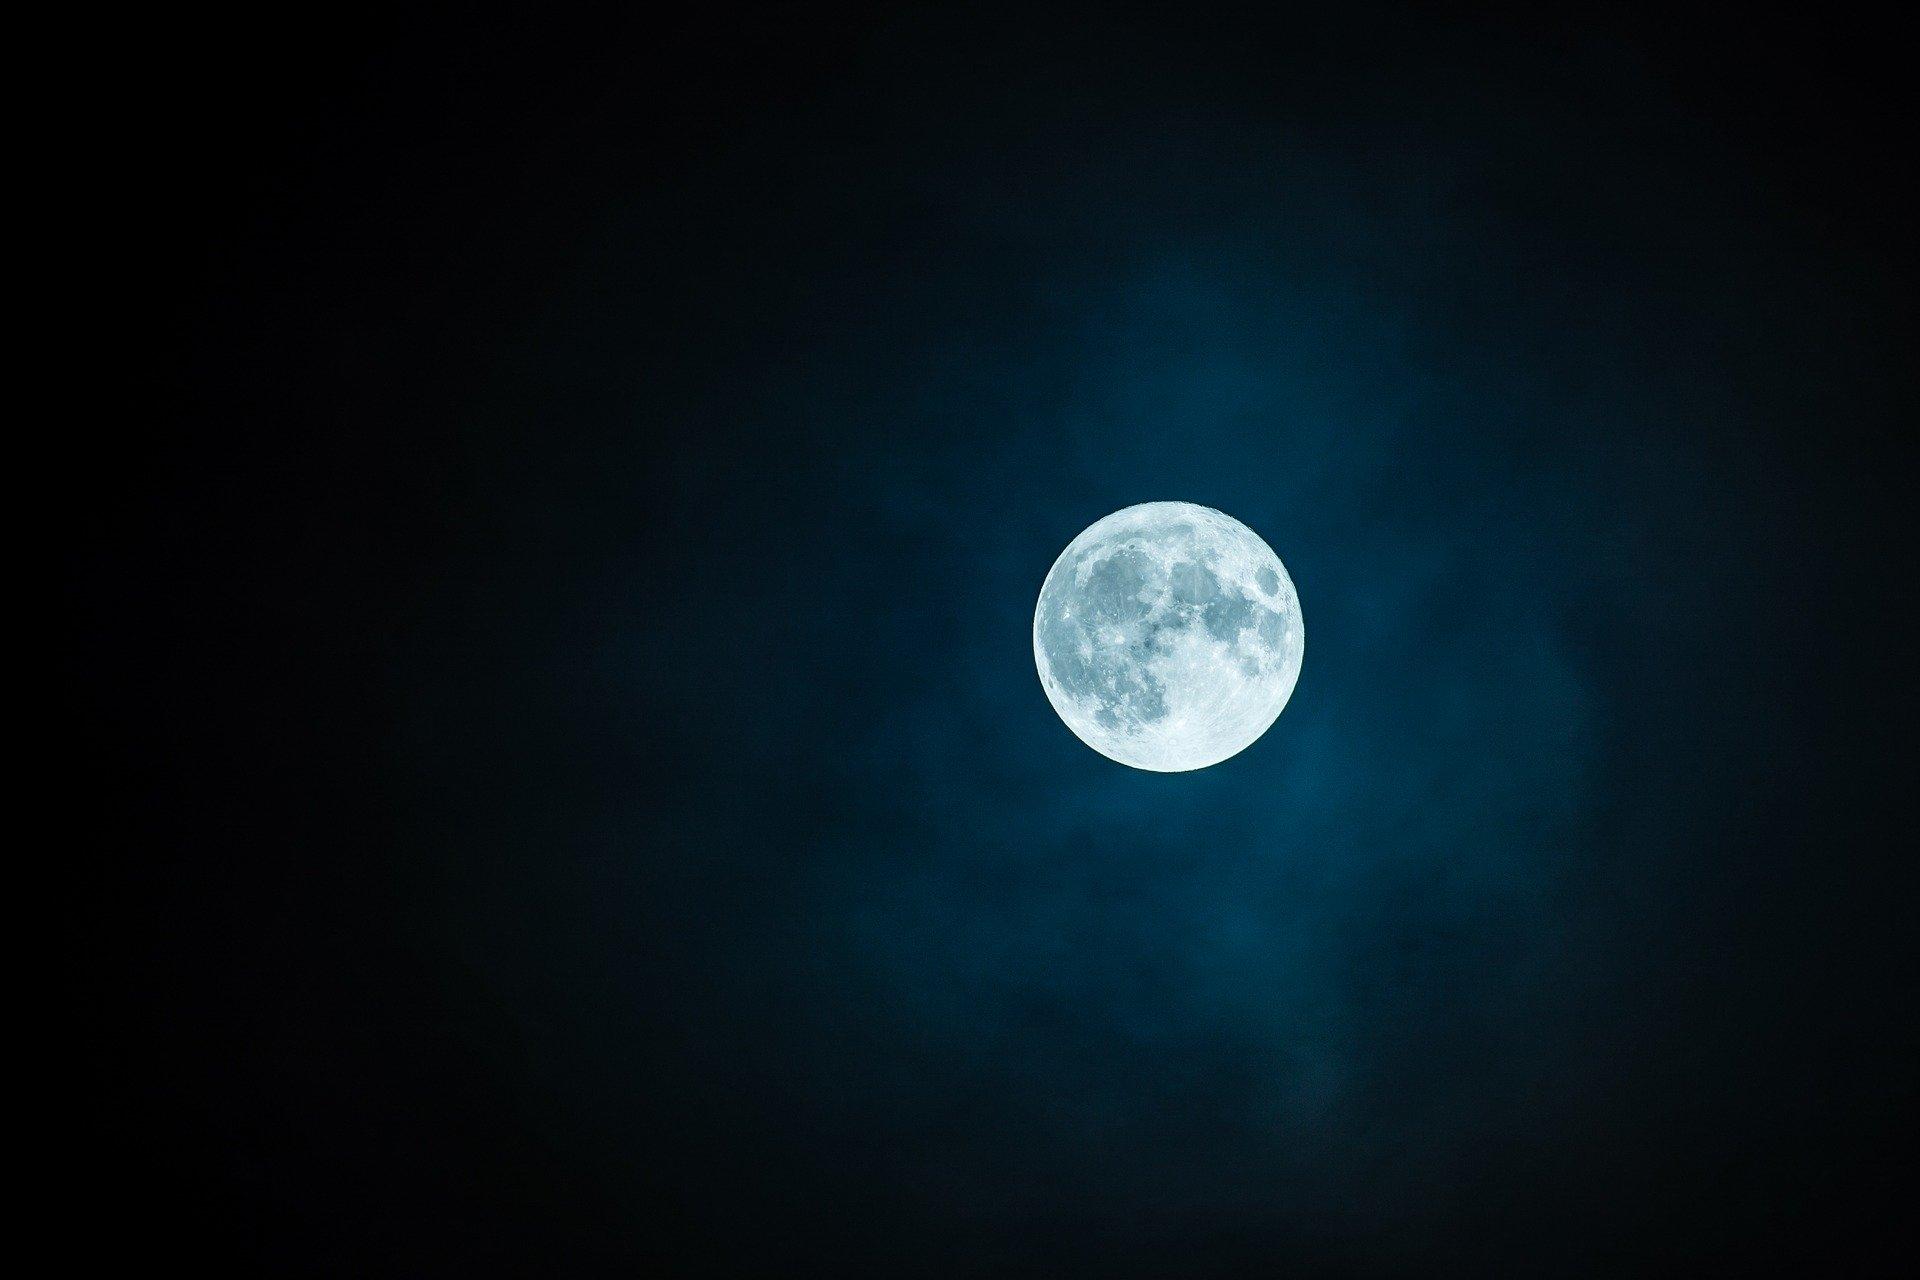 映画「君は月夜に光り輝く」やってみたいことリストを作ってみたい